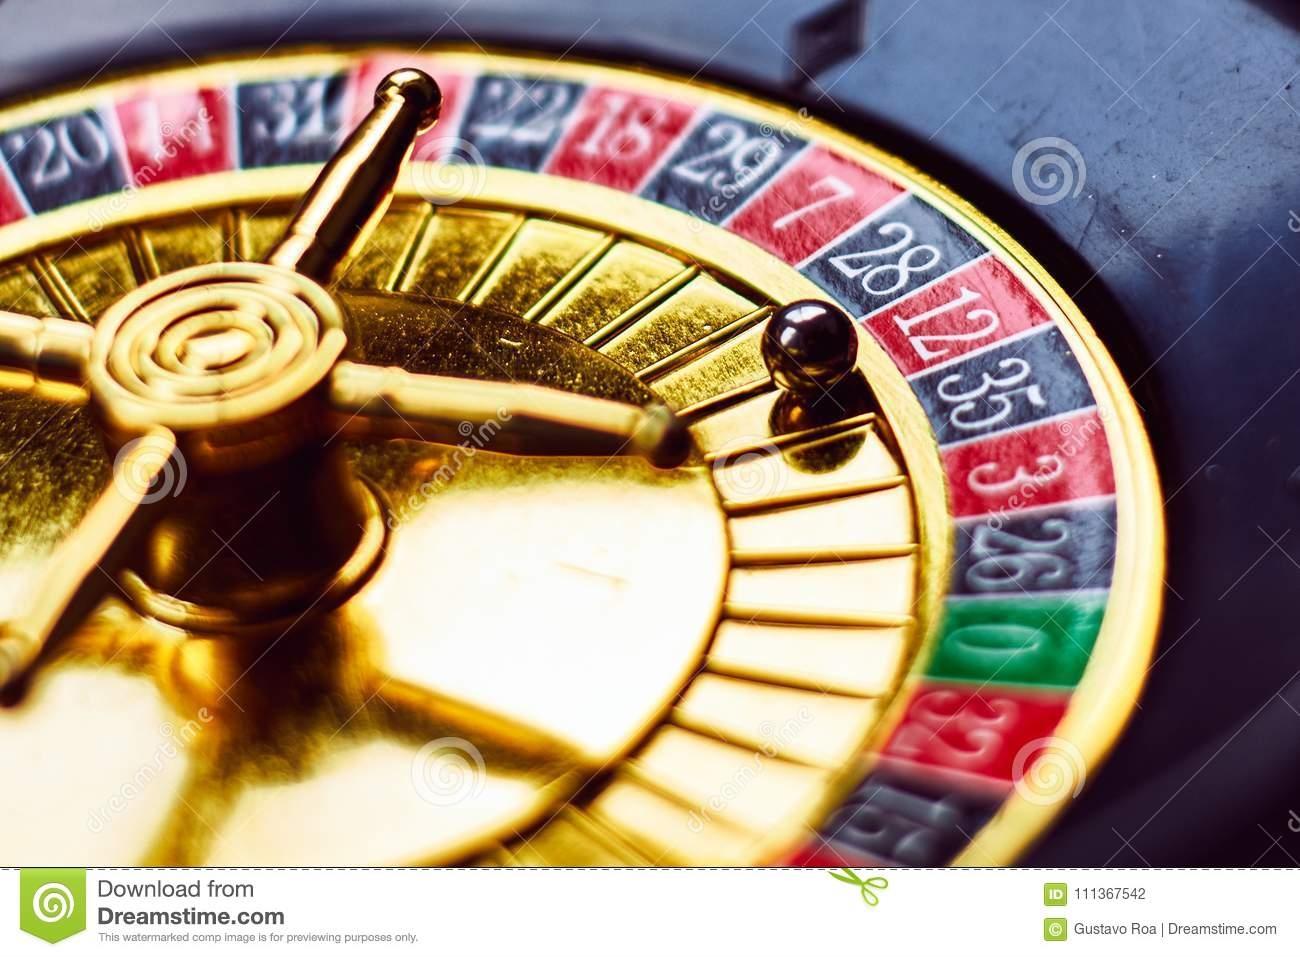 235- ի հավատարմությունը անվճար է! 777 Casino- ում